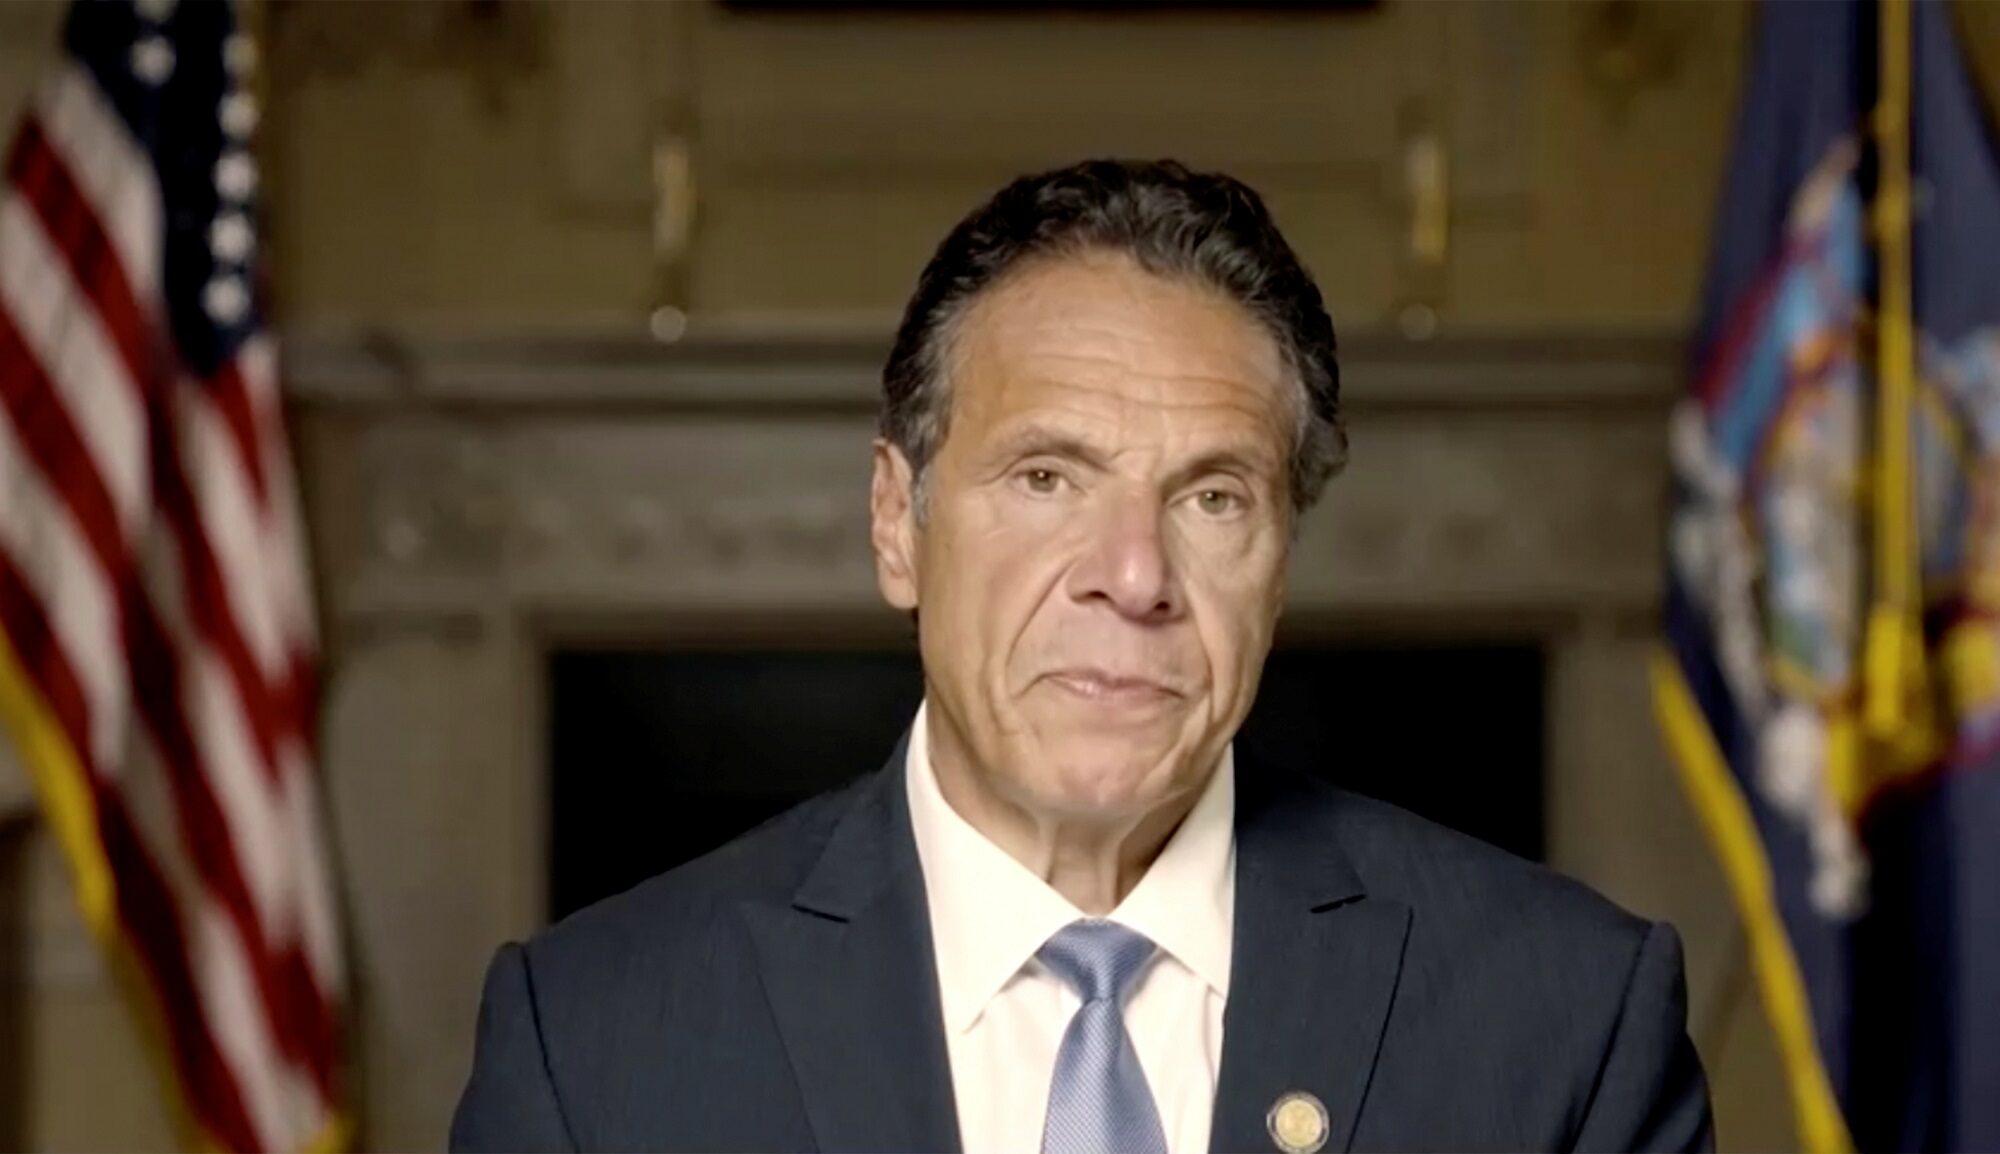 ผู้ว่านิวยอร์กถูกกดดันให้ออก เหตุล่วงละเมิดทางเพศหญิง 11 ราย